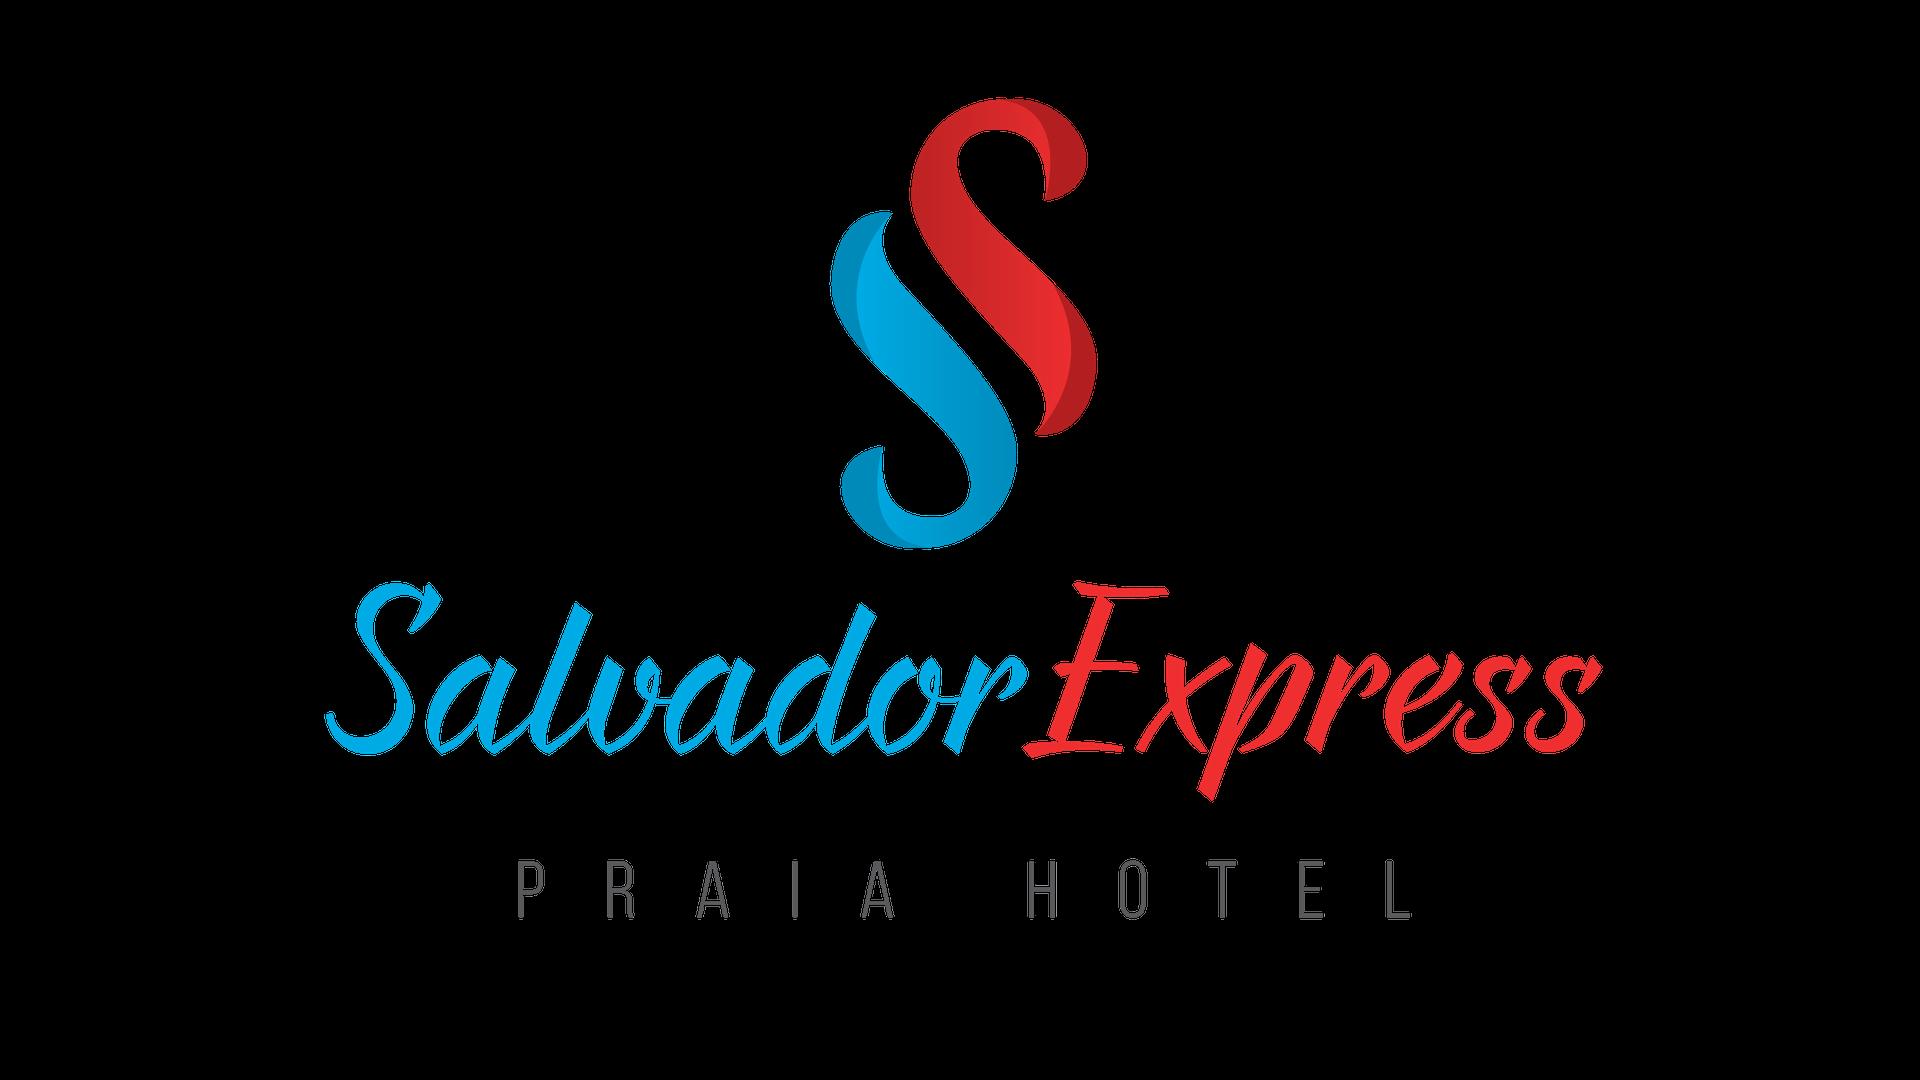 Salvador Express Praia Hotel